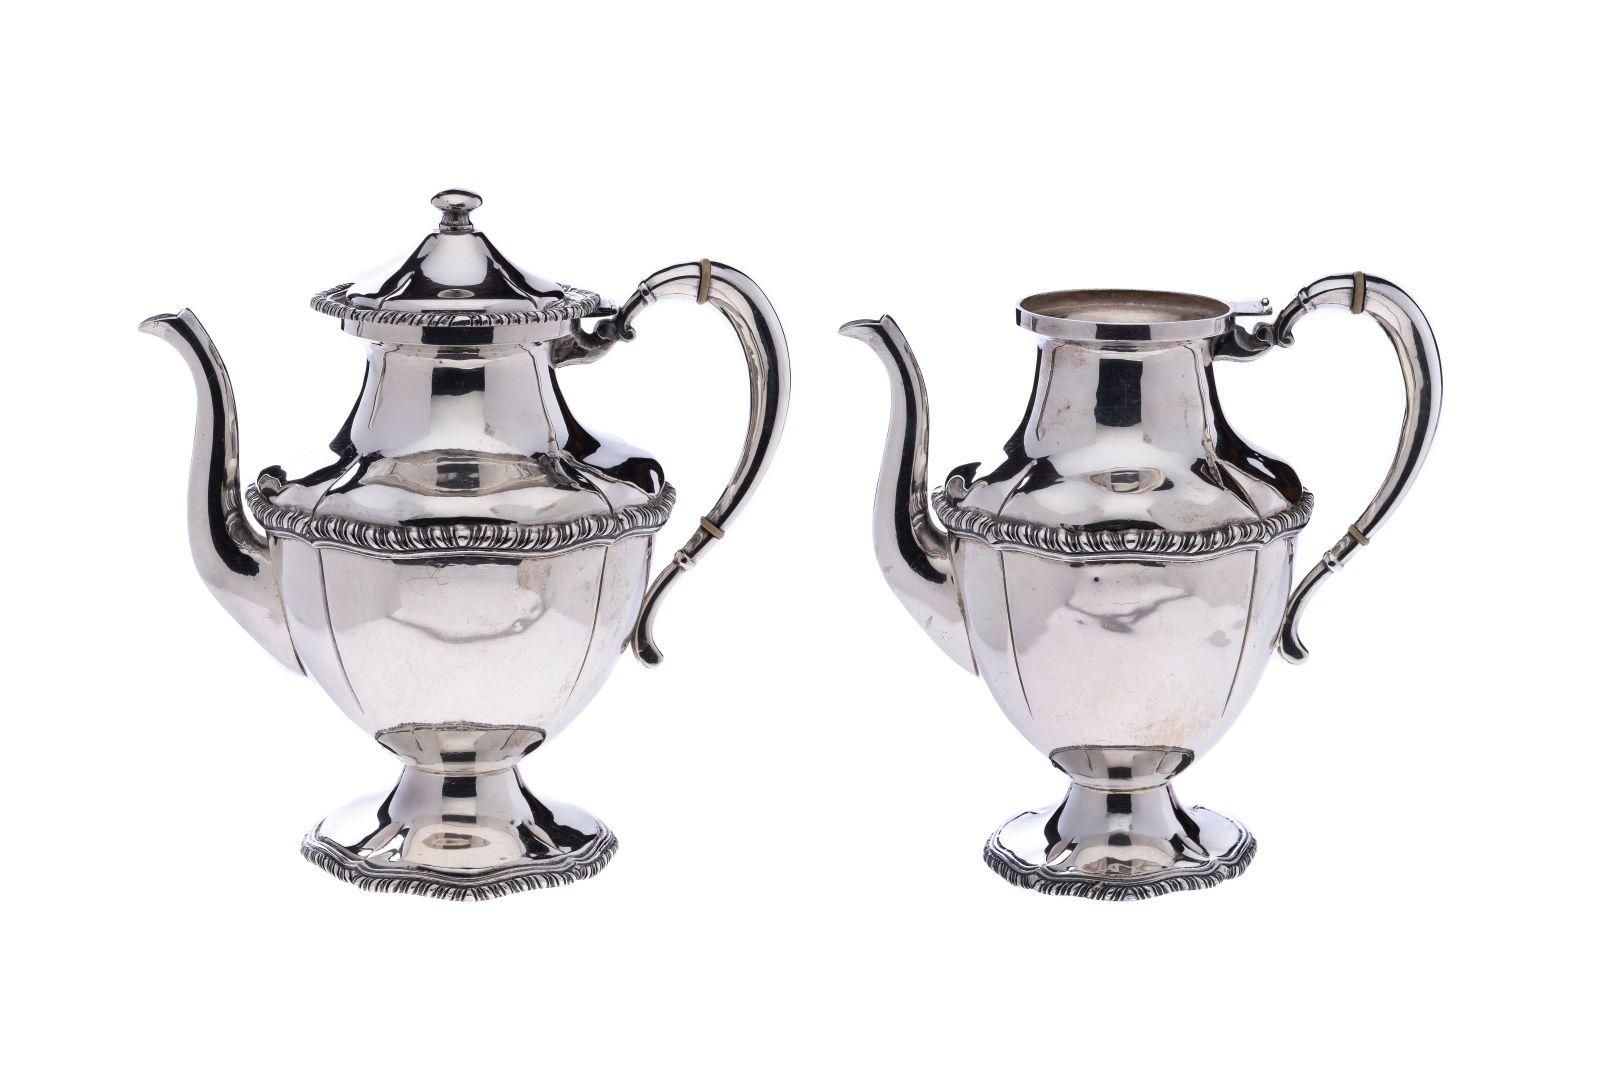 #61 Coffee pot + water kettle | Kaffeekanne + Wasserkanne Image